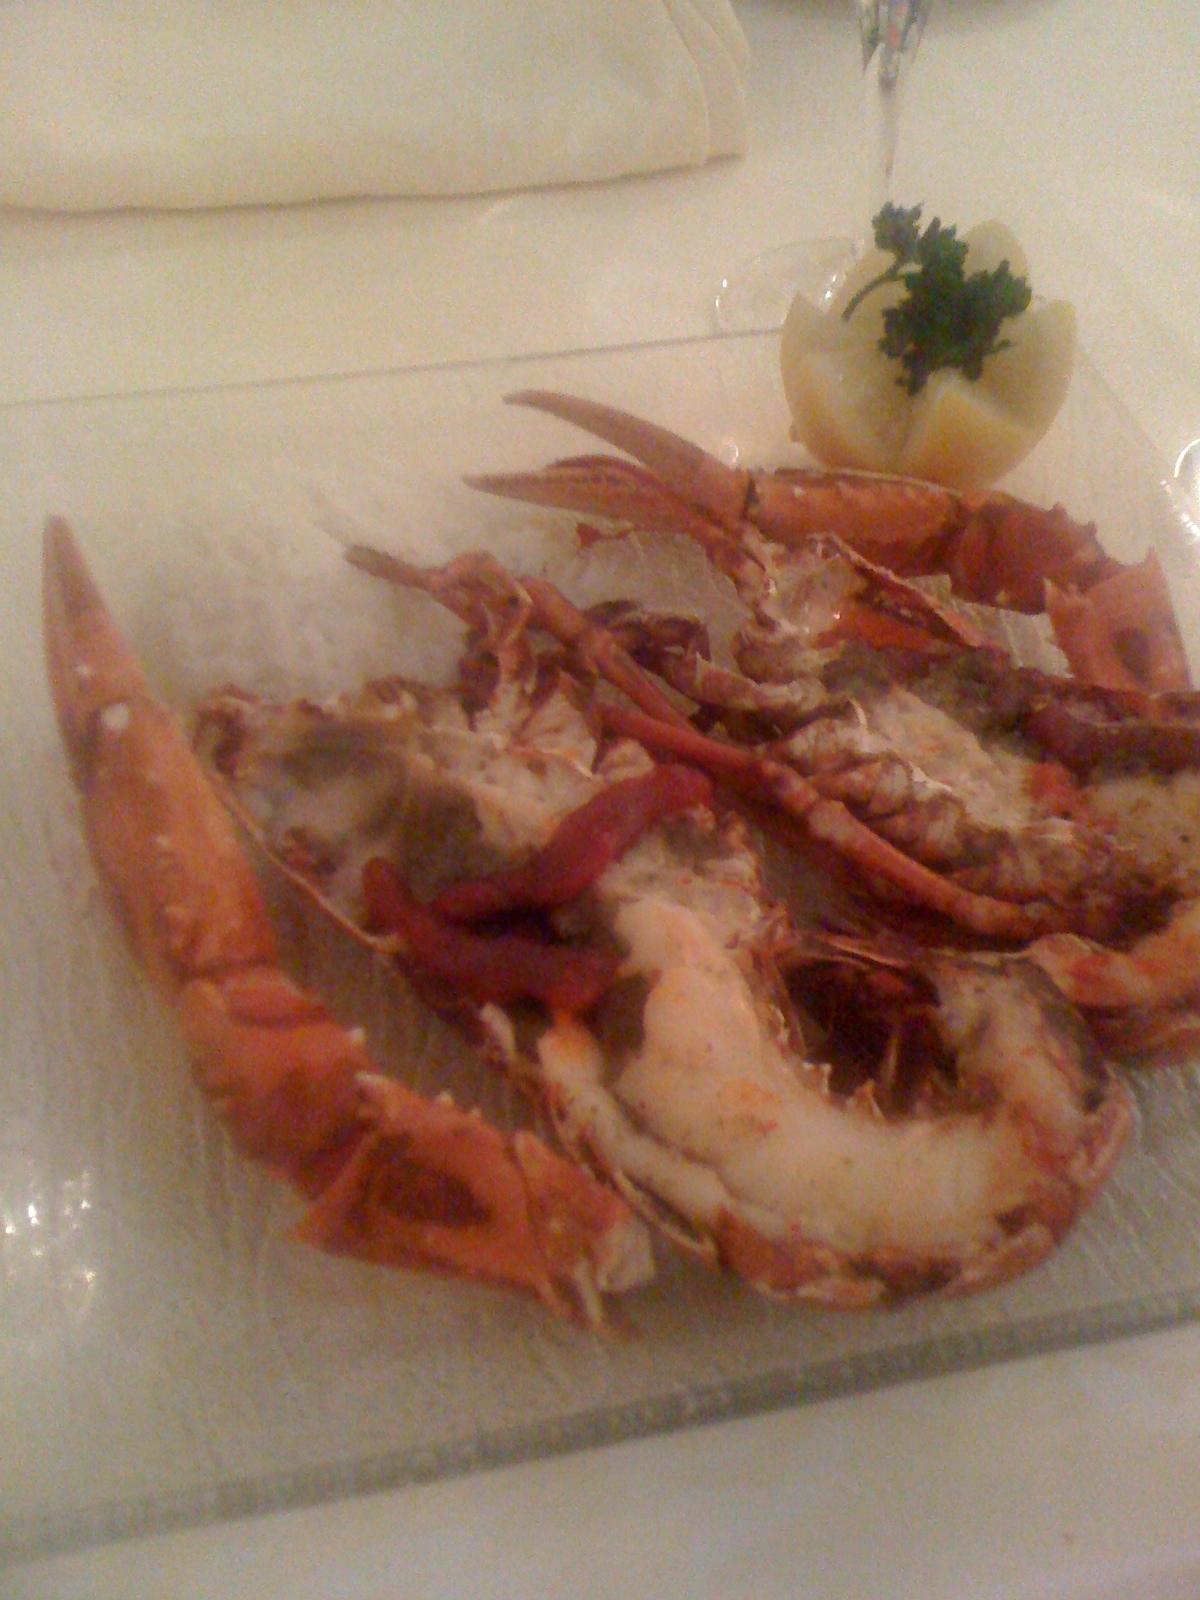 Homard cuit nature (intialement servi avec une sauce aux crustacés)